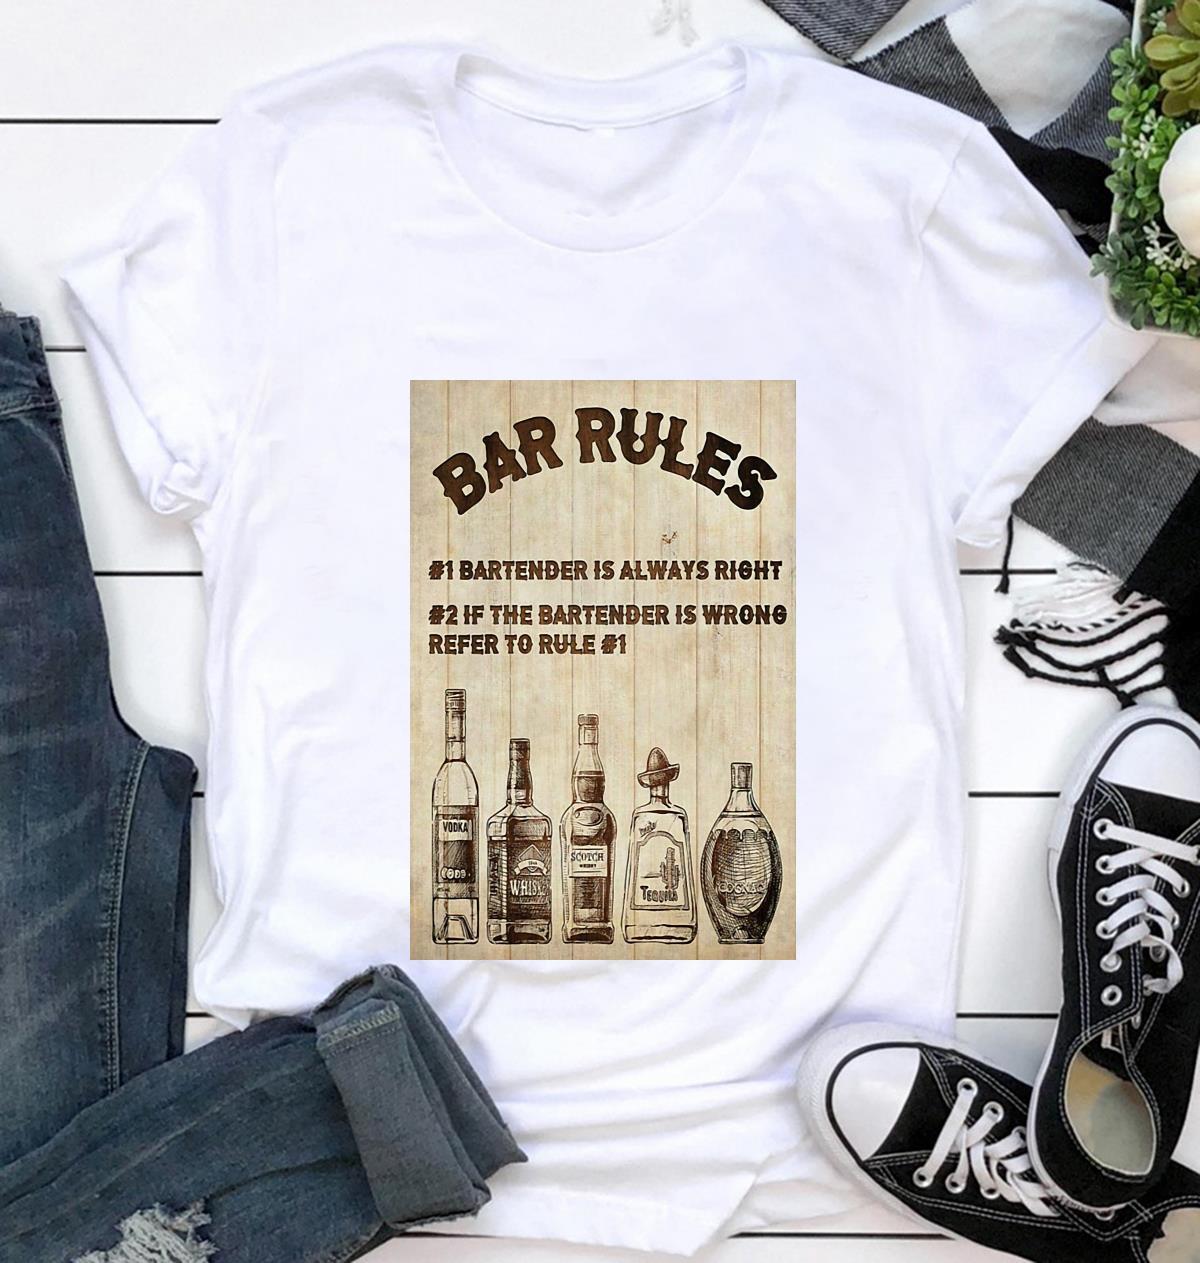 Bartender Bar Rules vertical poster t-shirt